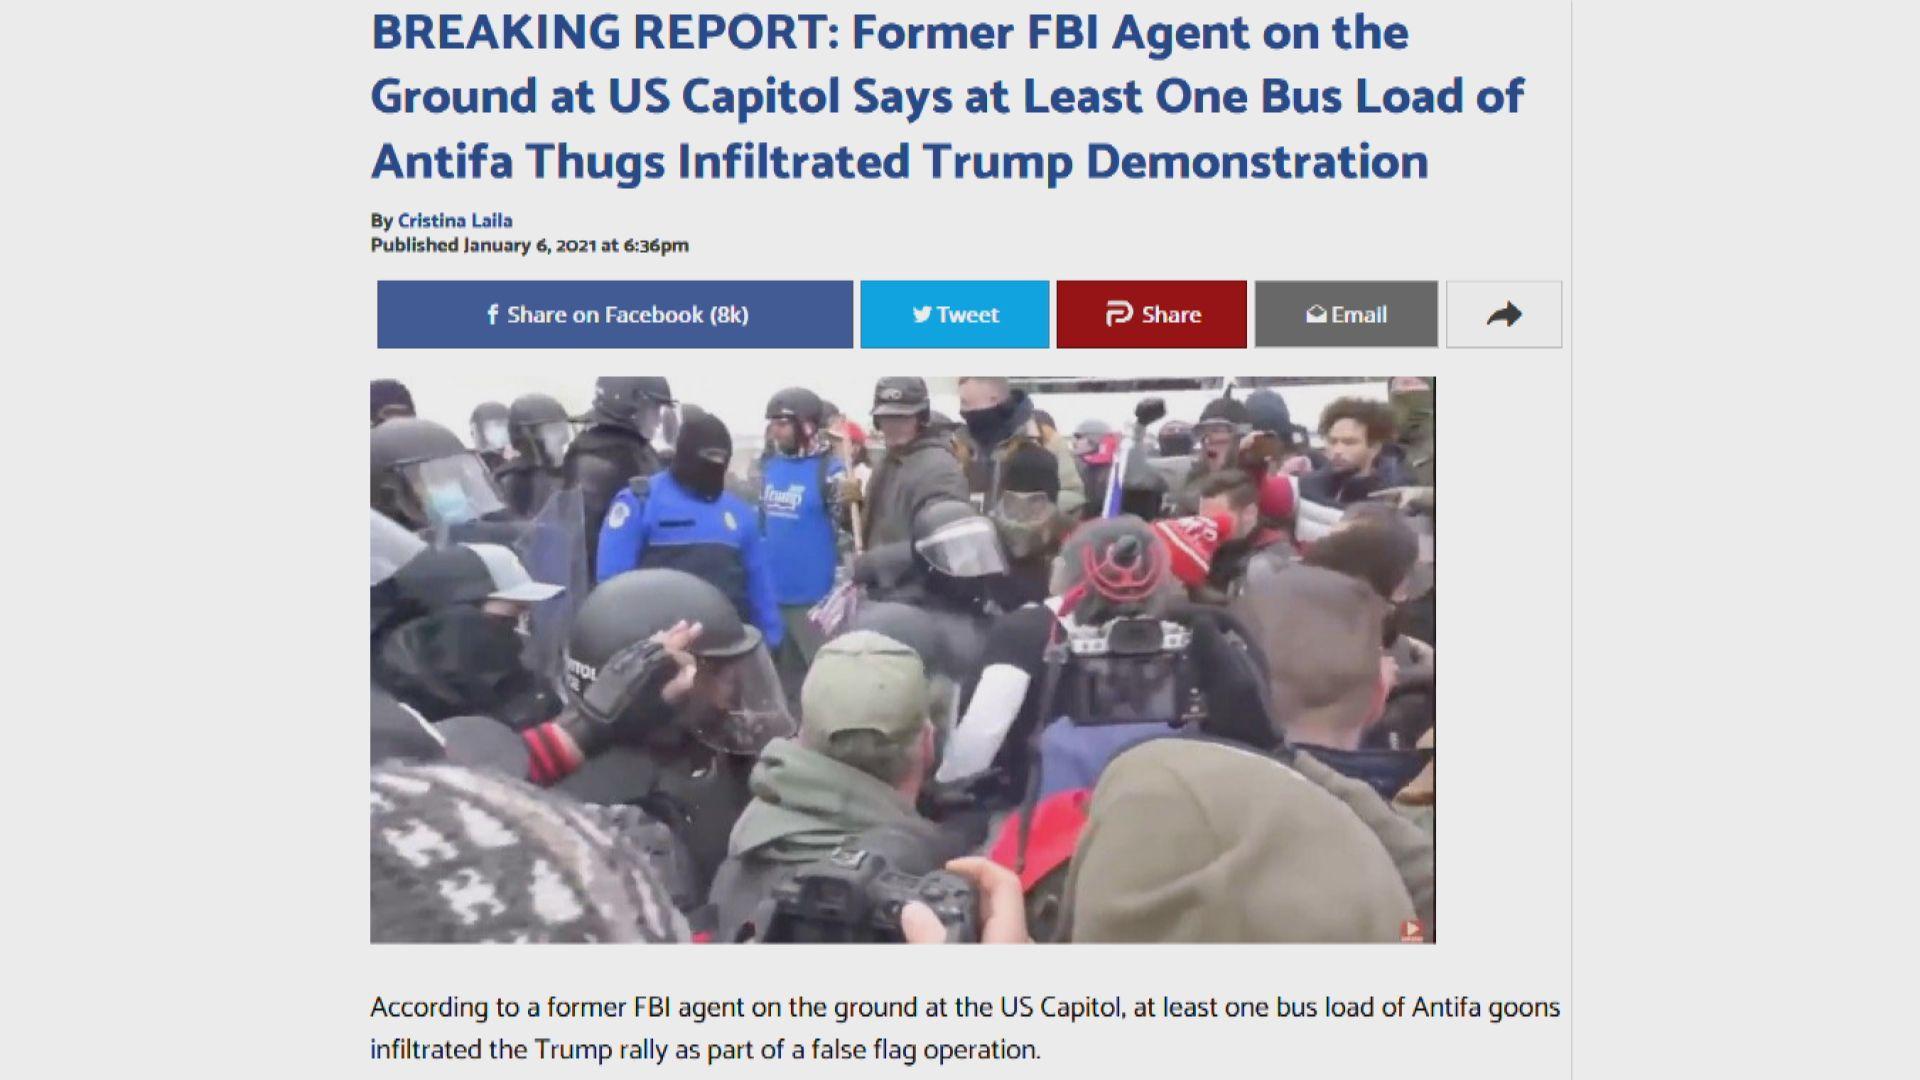 傳媒成衝擊國會示威者目標 相信跟特朗普斥假新聞有關